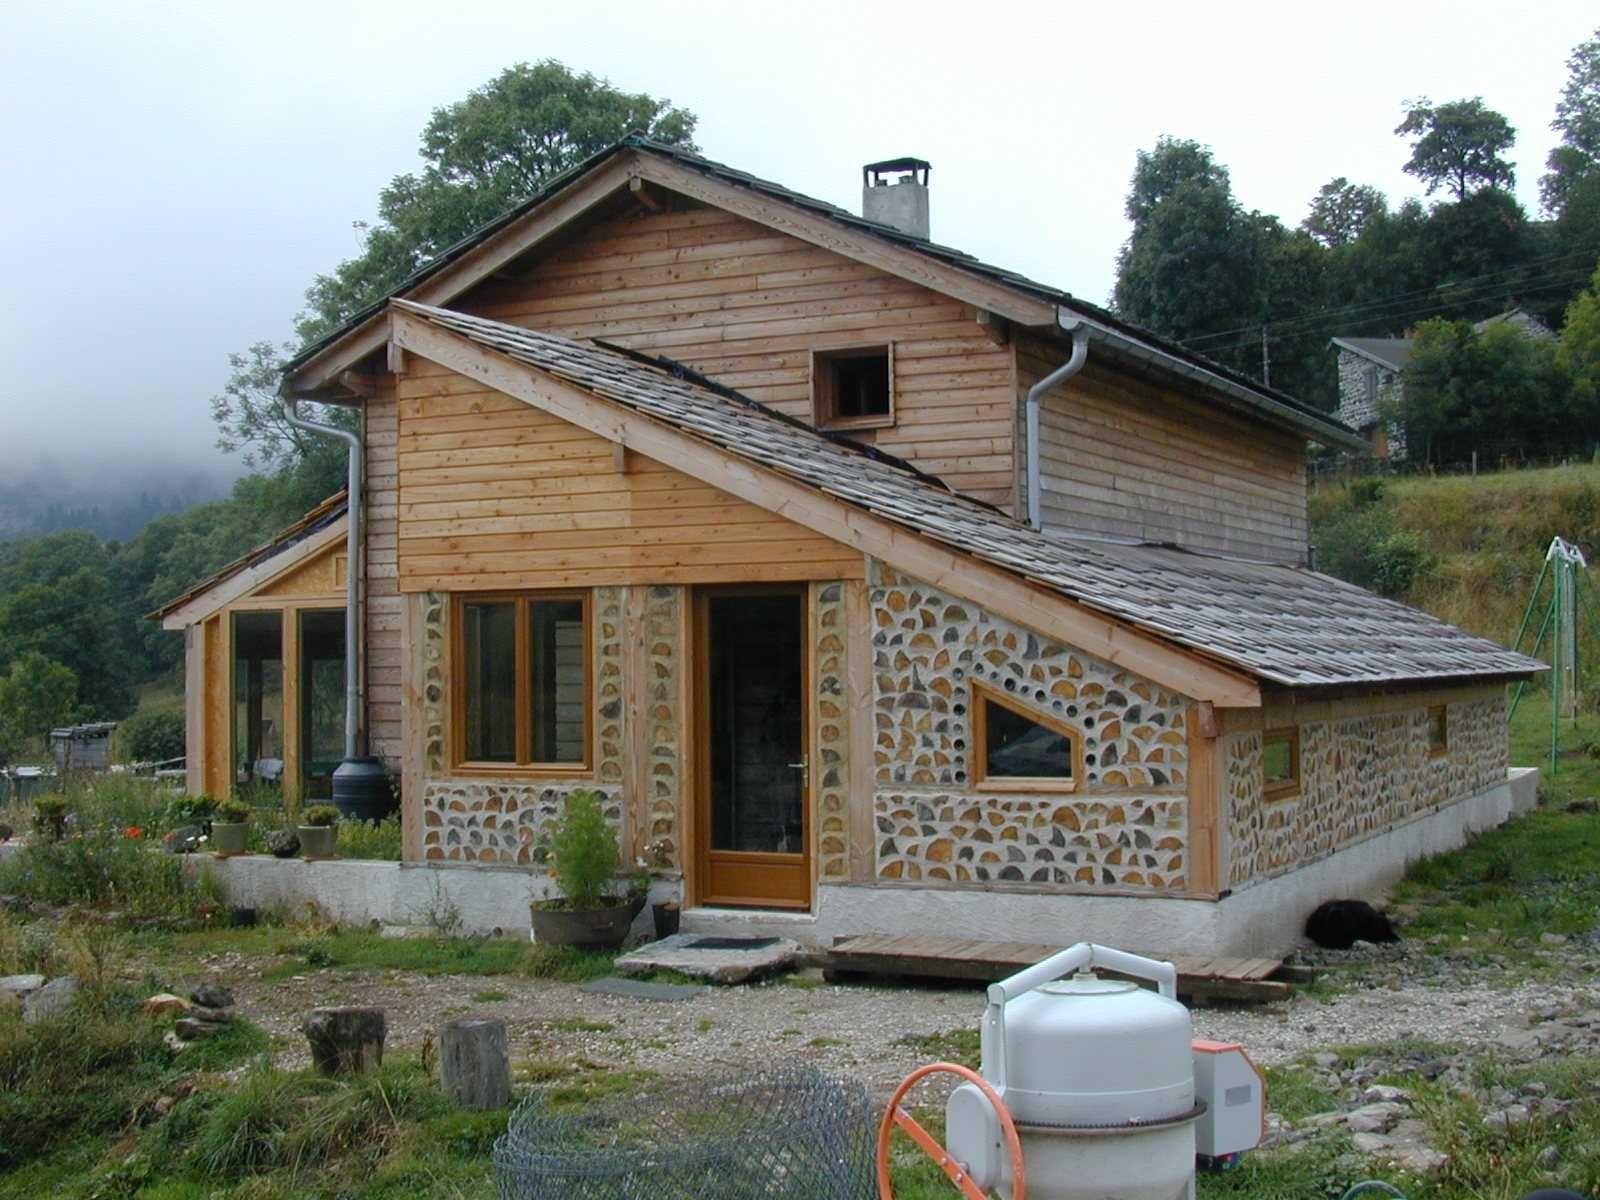 Maison Bois Solaire Passive France Serre Recherche